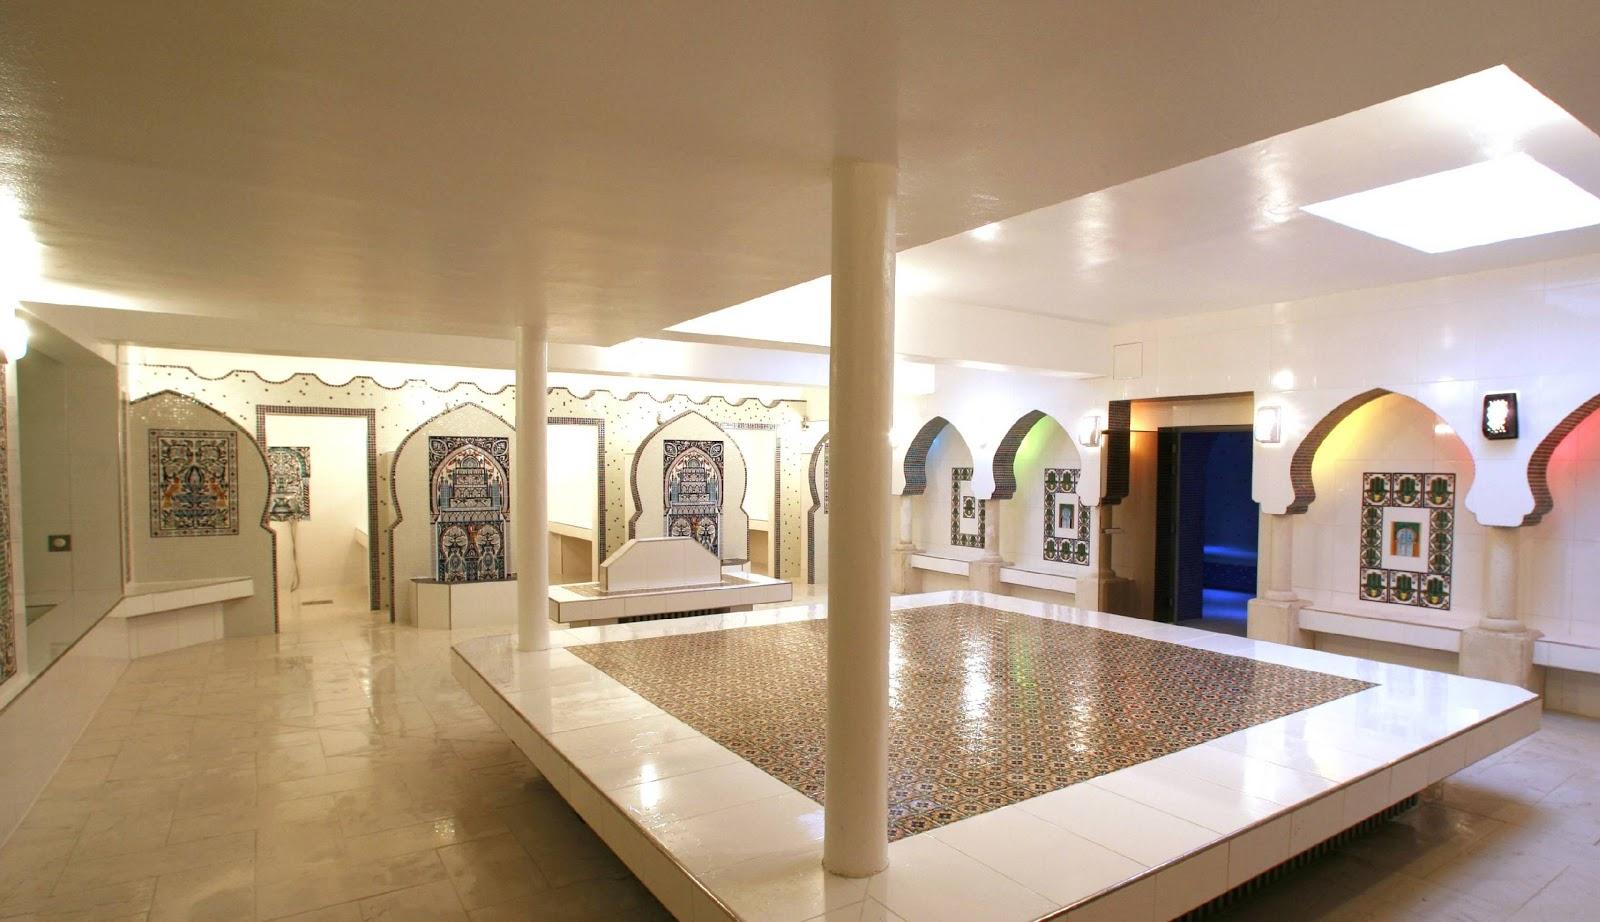 dicas pr ticas de franc s para brasileiros os melhores spas e hammams de paris. Black Bedroom Furniture Sets. Home Design Ideas